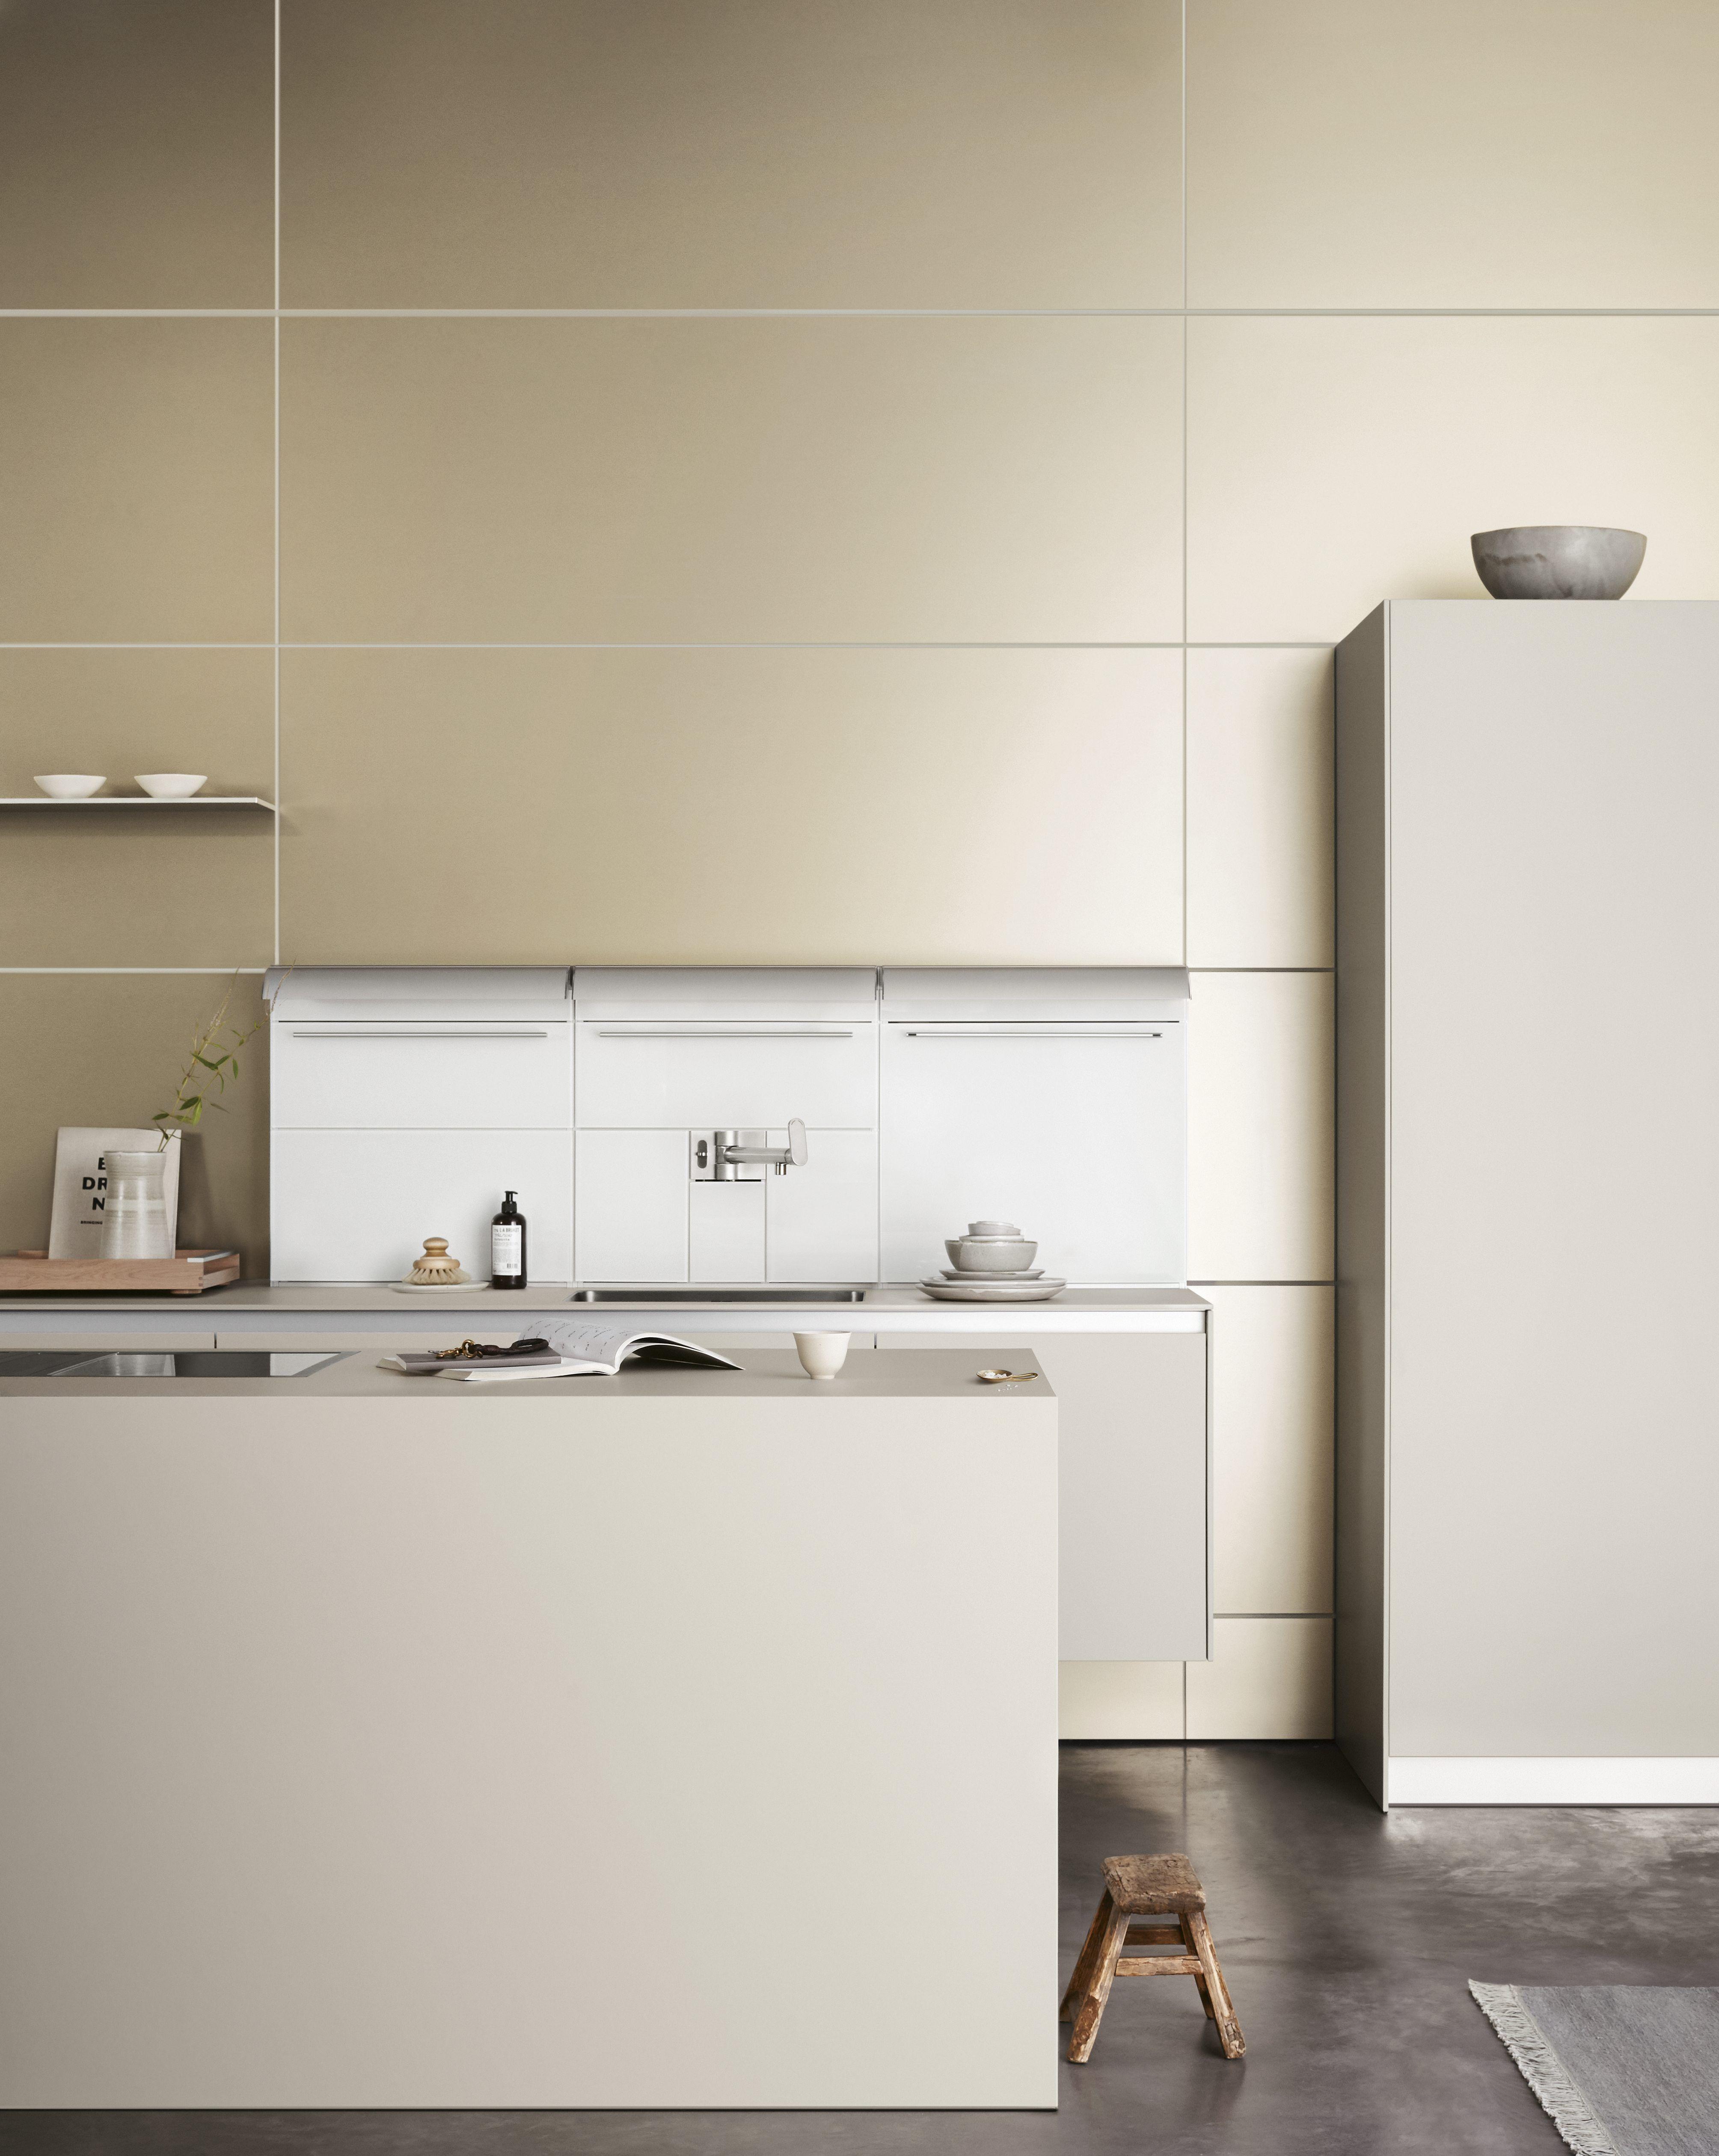 Küche k design eine weiße kücheninsel ist ein traum bilder und ideen für